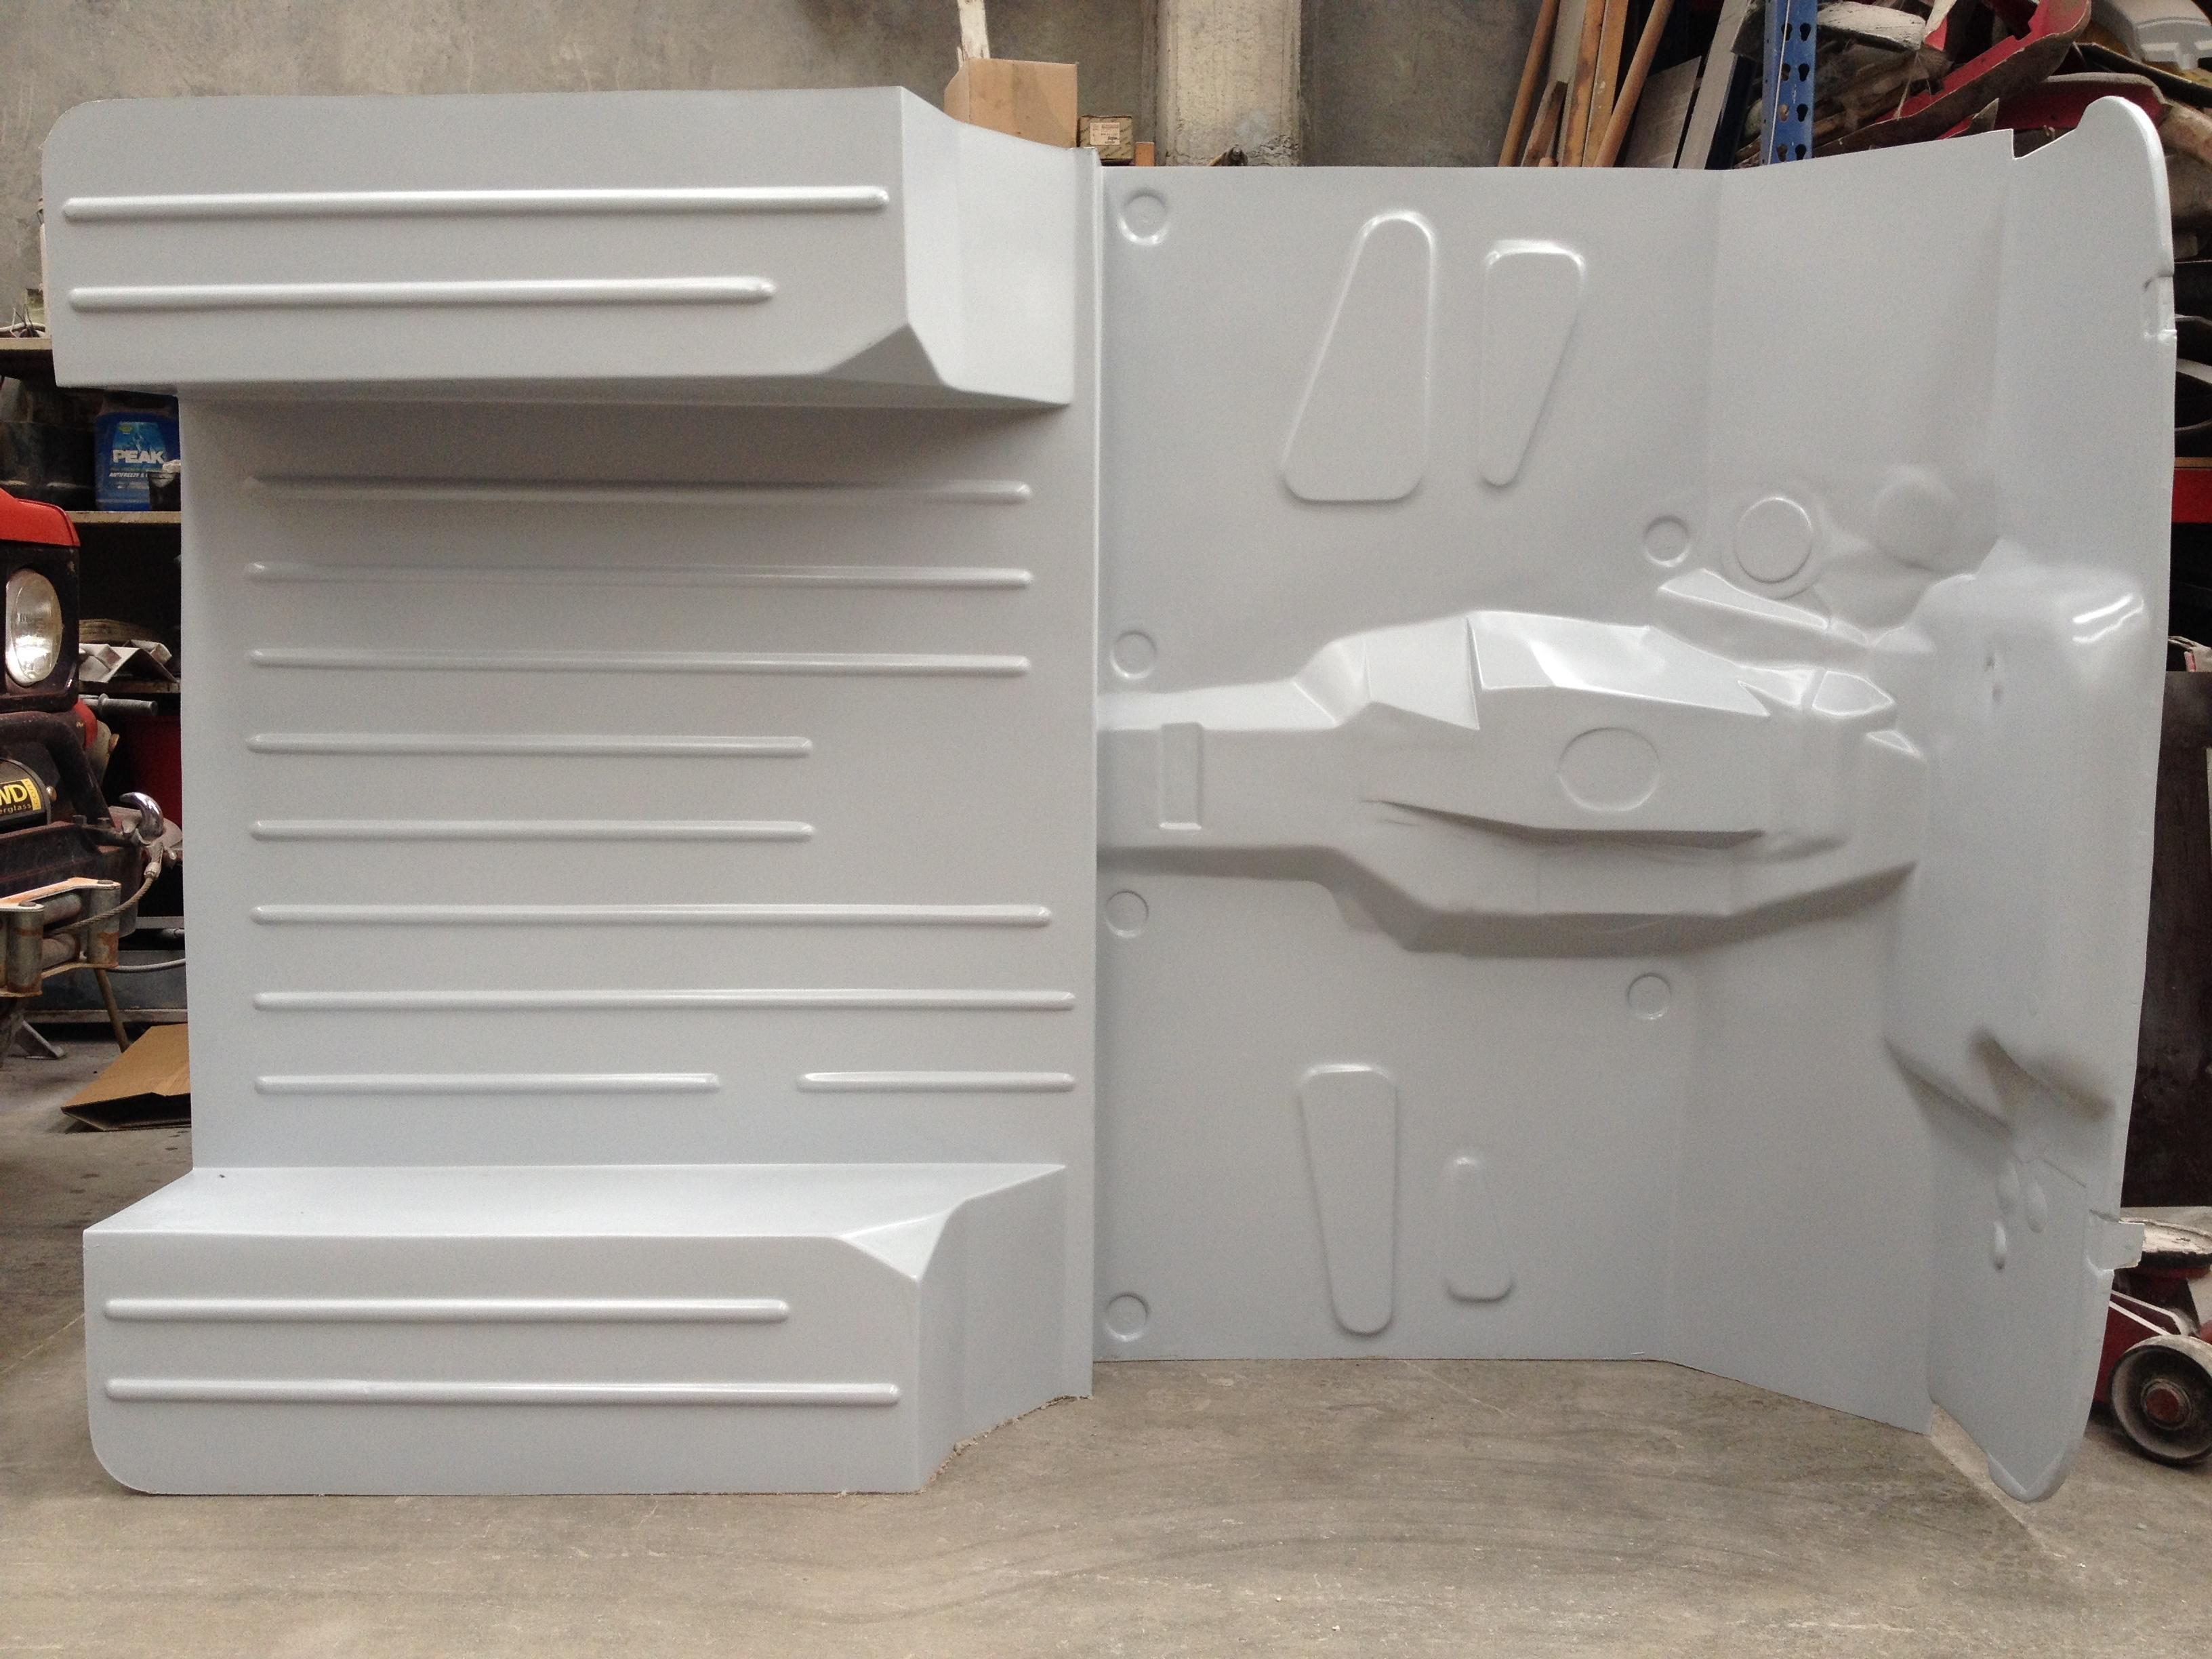 4wd Fiberglass Jeep Cj5 Flat Floor Or Shaped Floor Body Tub